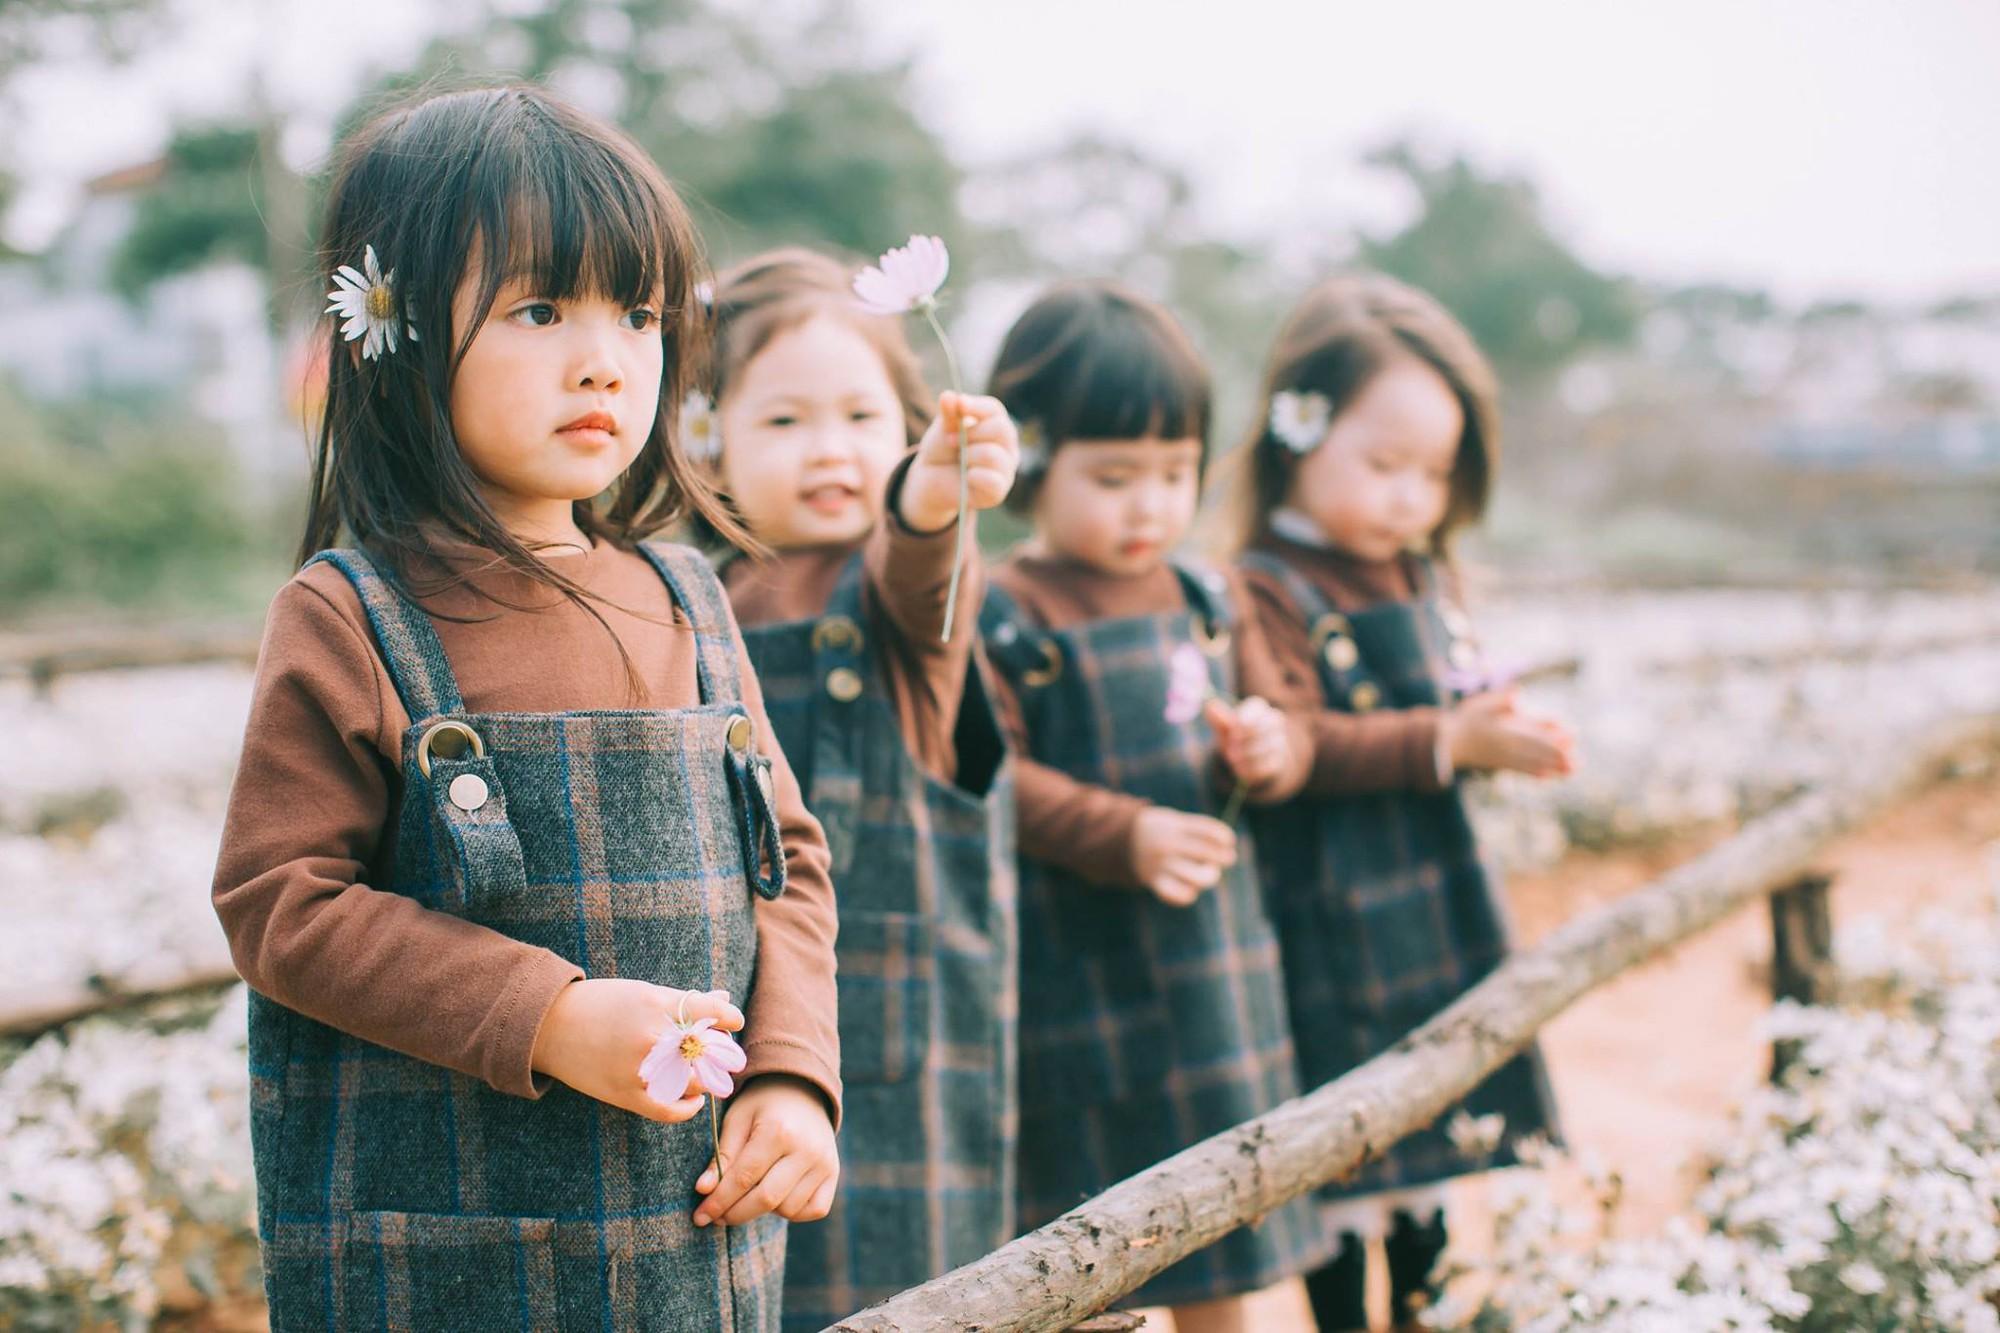 Mẹ chơi với nhau thời ĐH, lên 3 tuổi các con đã có bộ ảnh cùng hội bạn thân siêu đáng yêu - Ảnh 9.